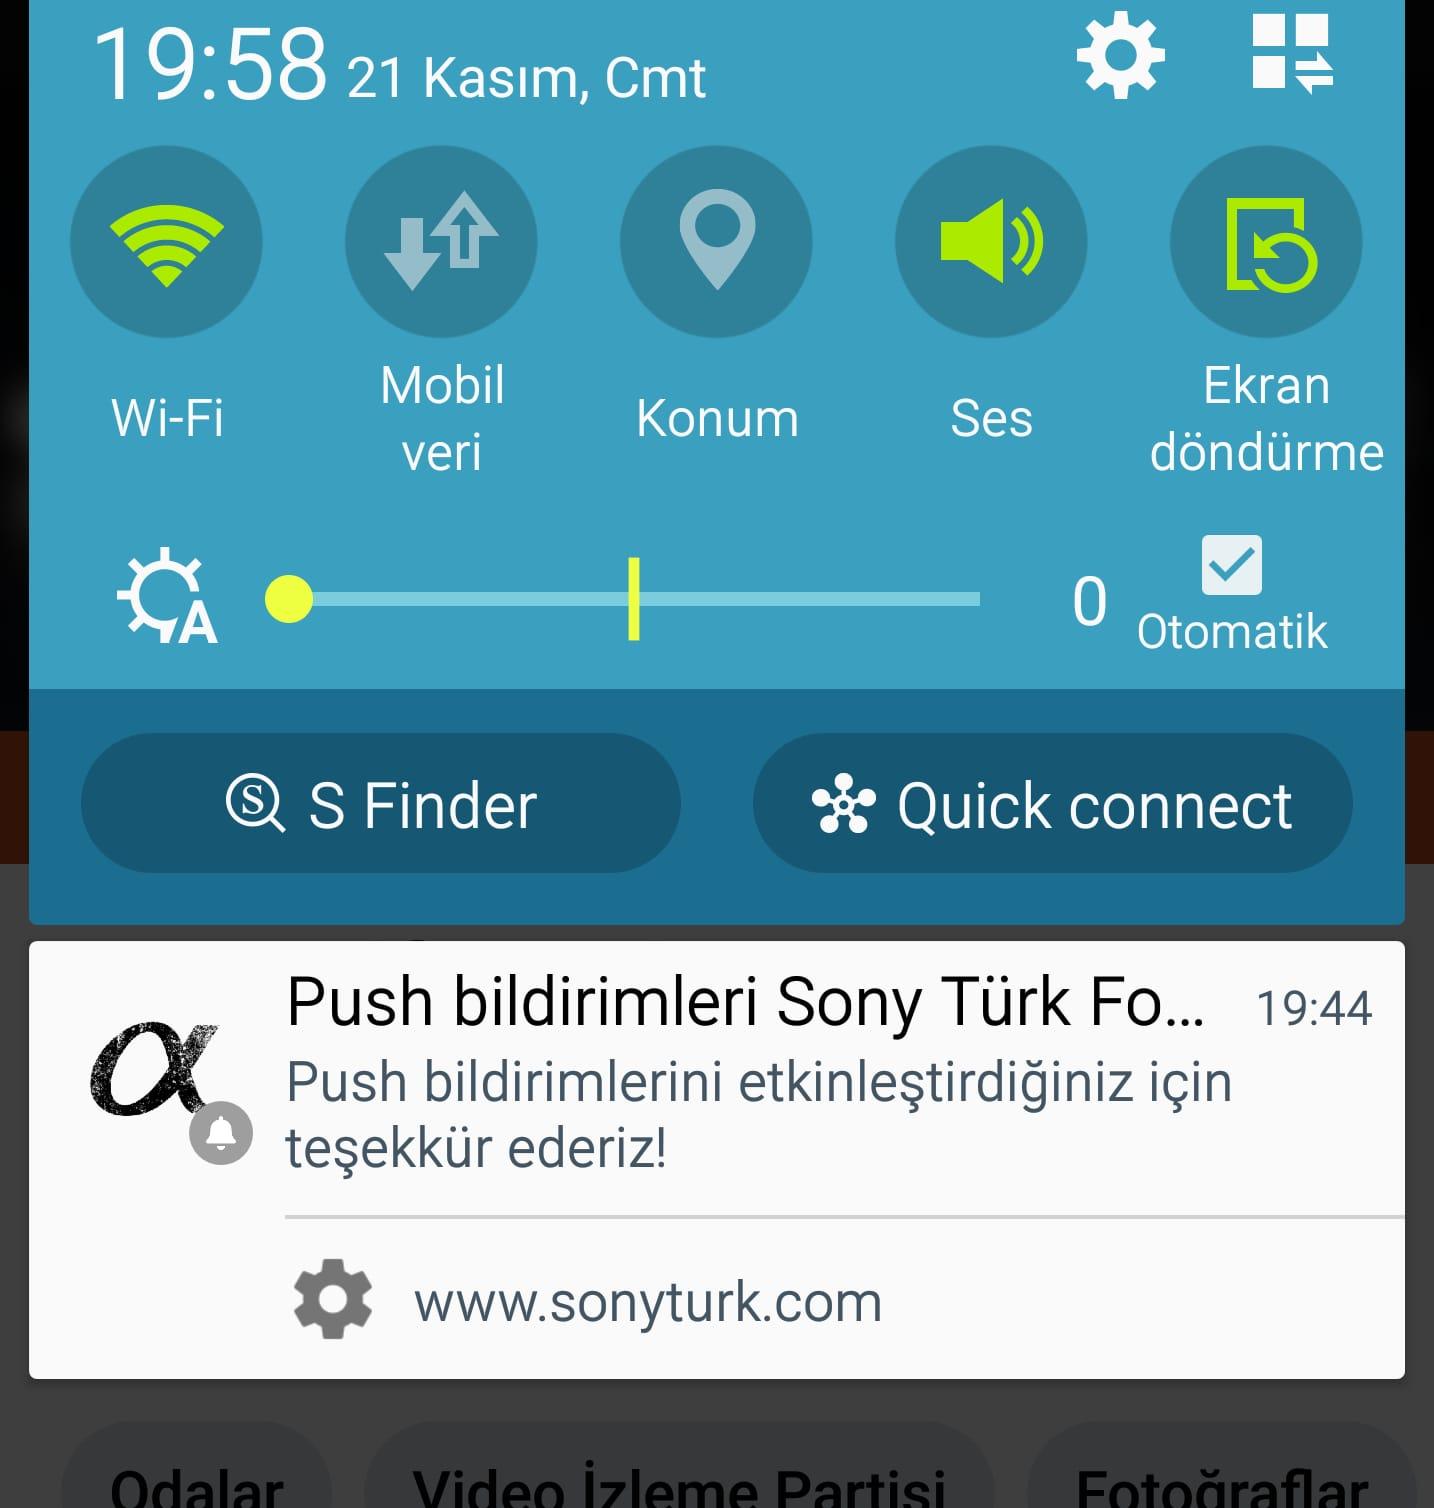 WhatsApp Image 2020-11-24 at 12.01.17 (1).jpeg